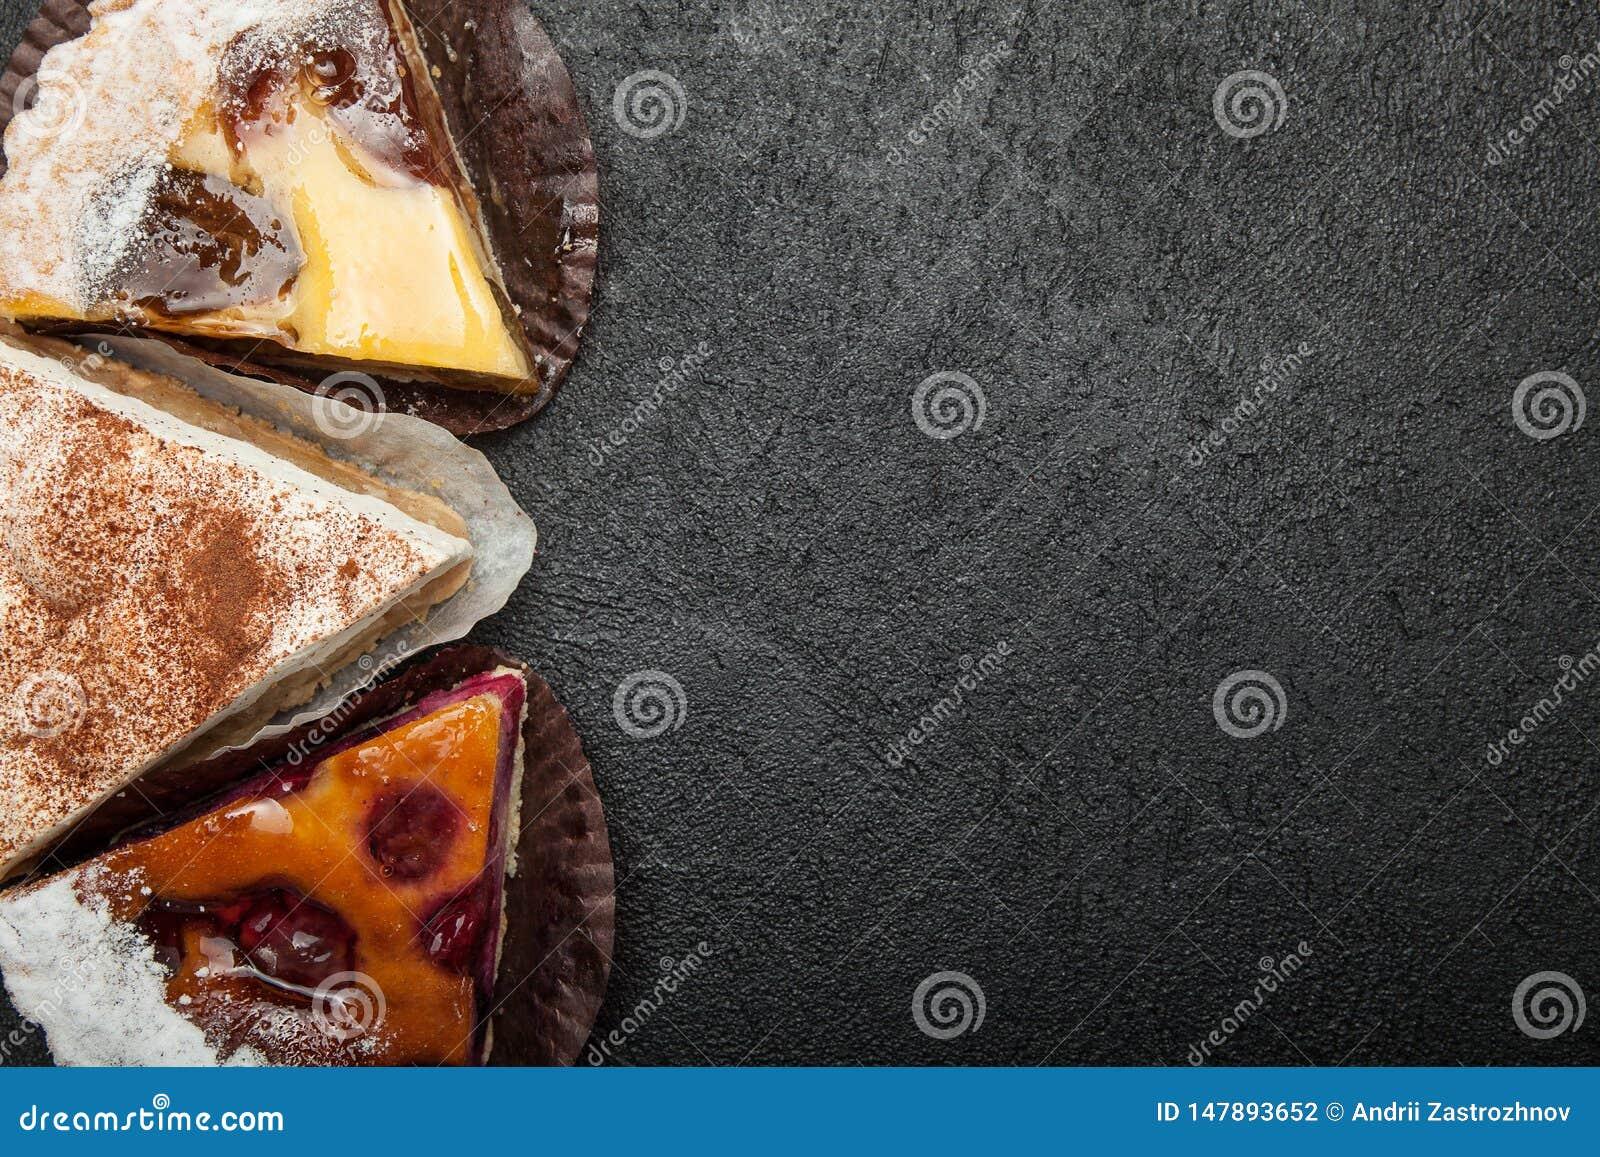 Drie eigengemaakte pastei op een zwarte lijst, exemplaarruimte